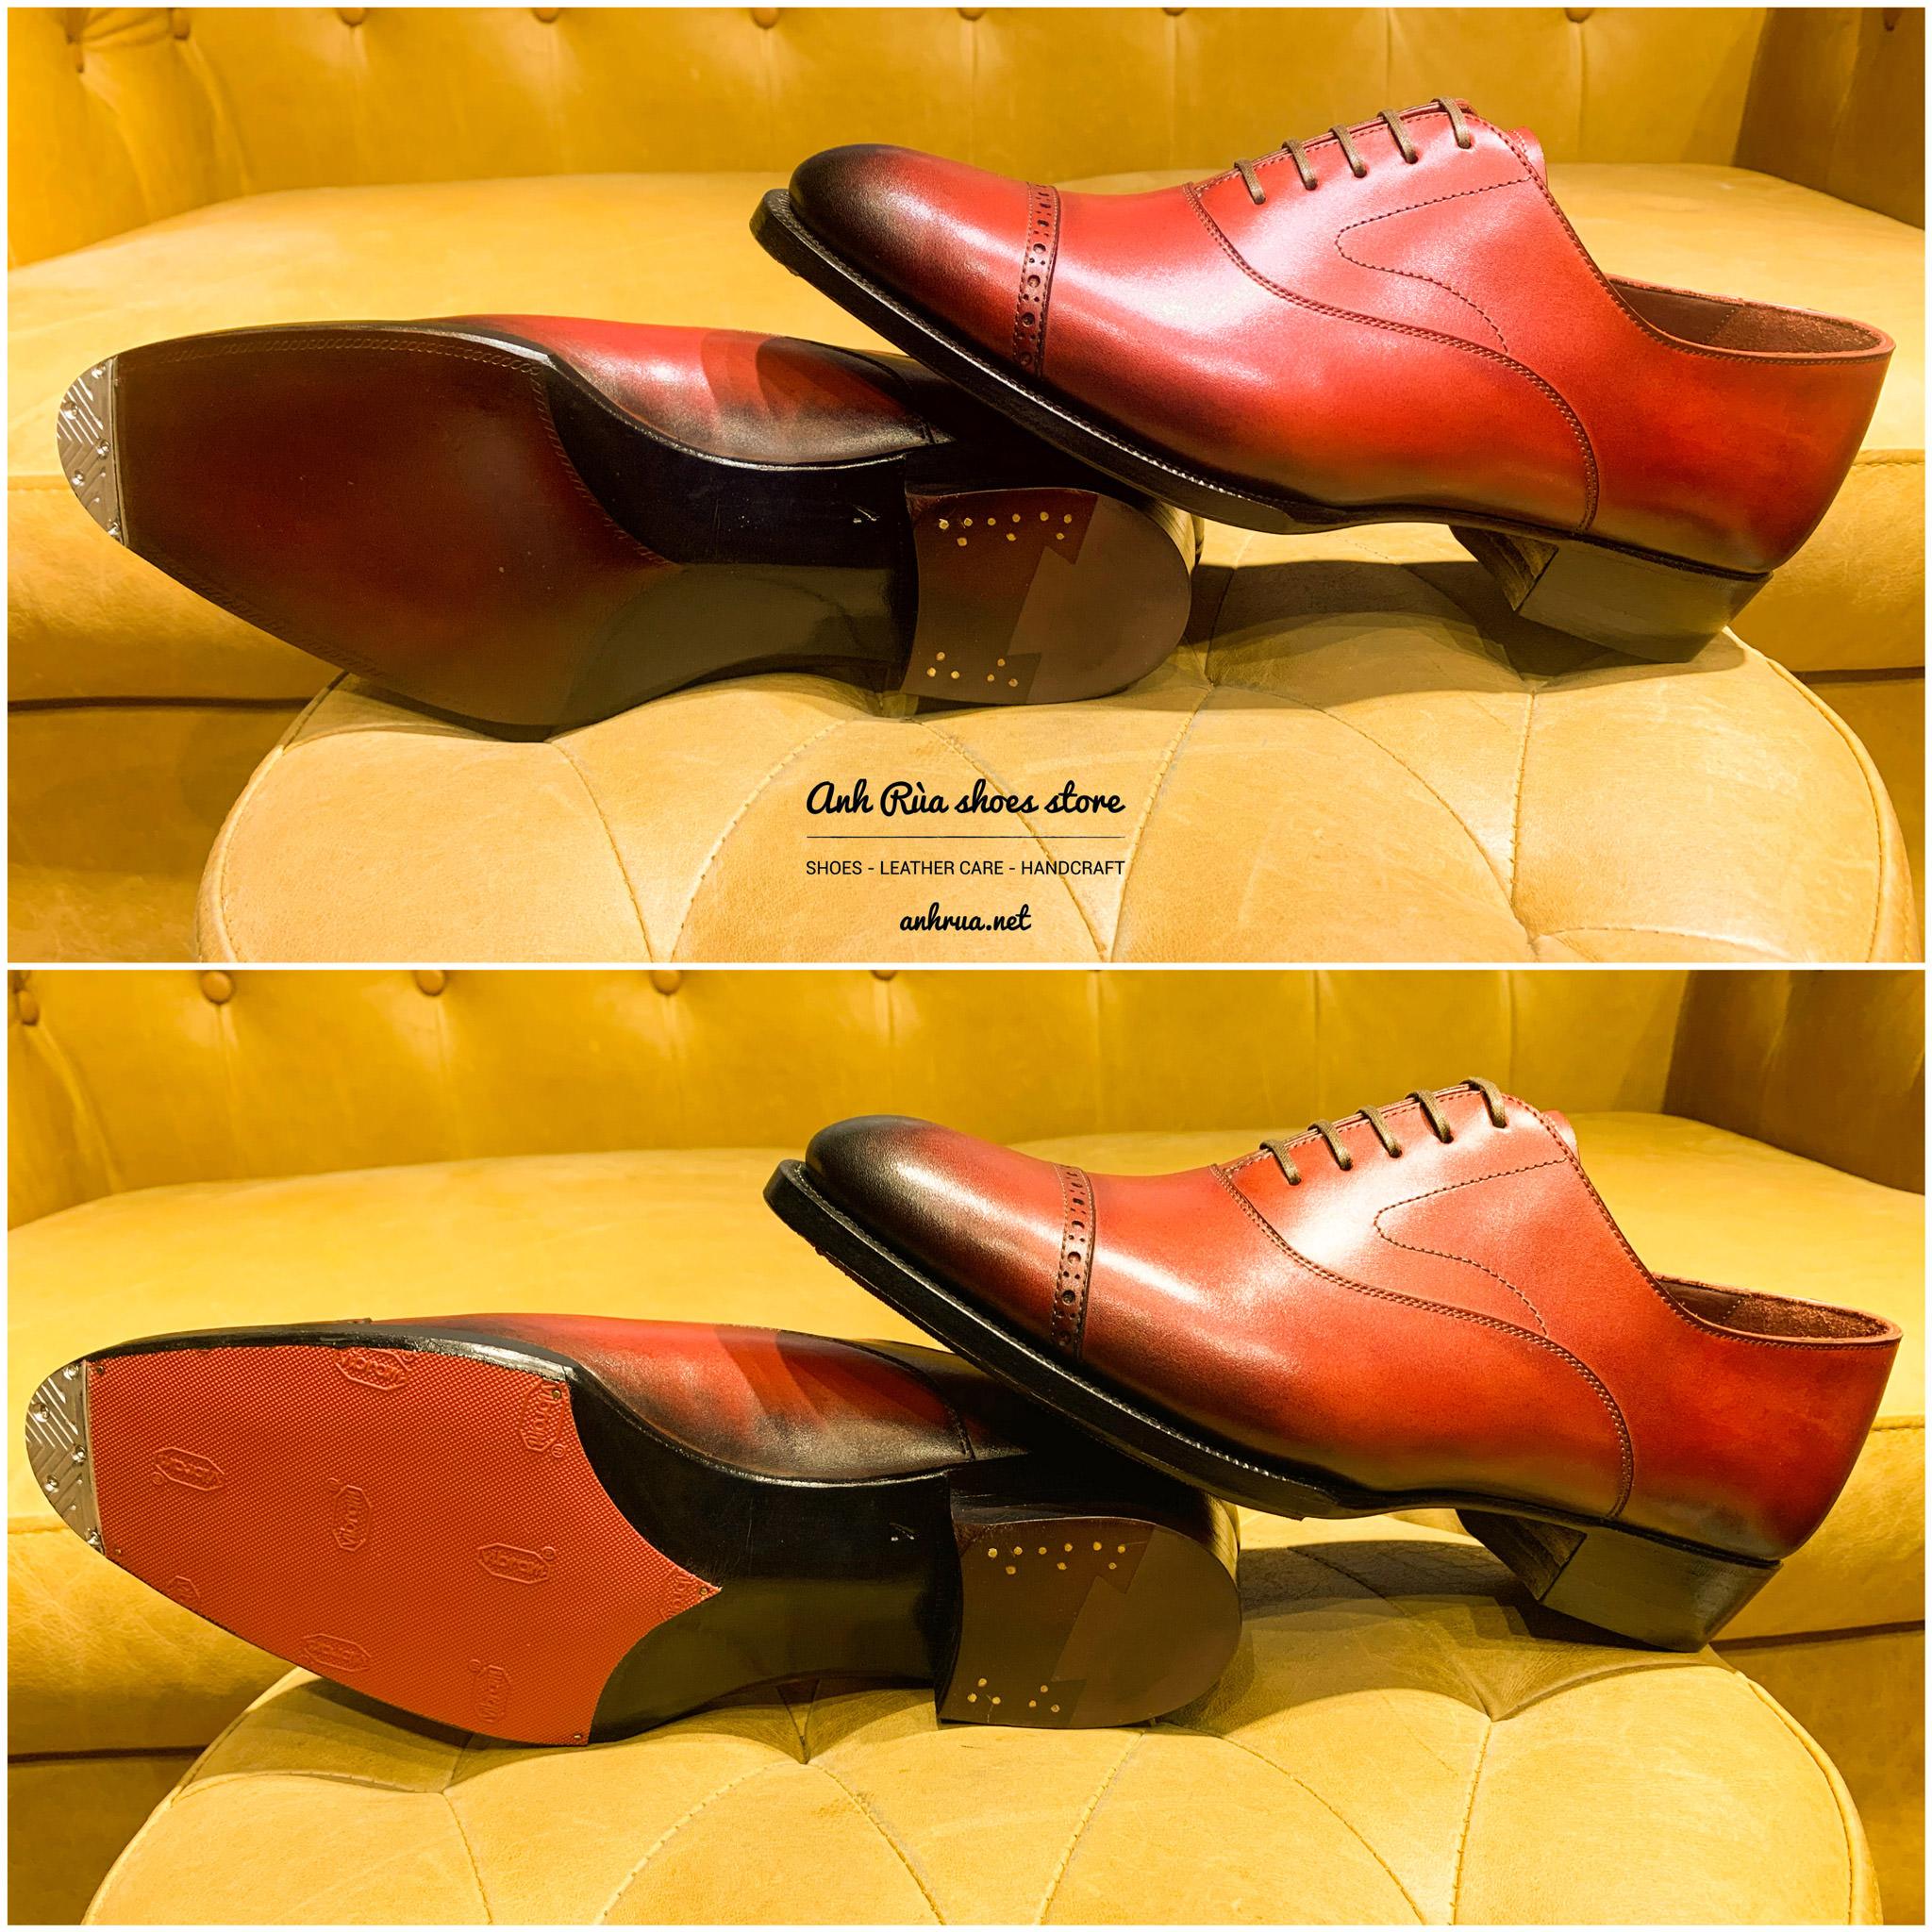 Dán đế giày có toe tap red